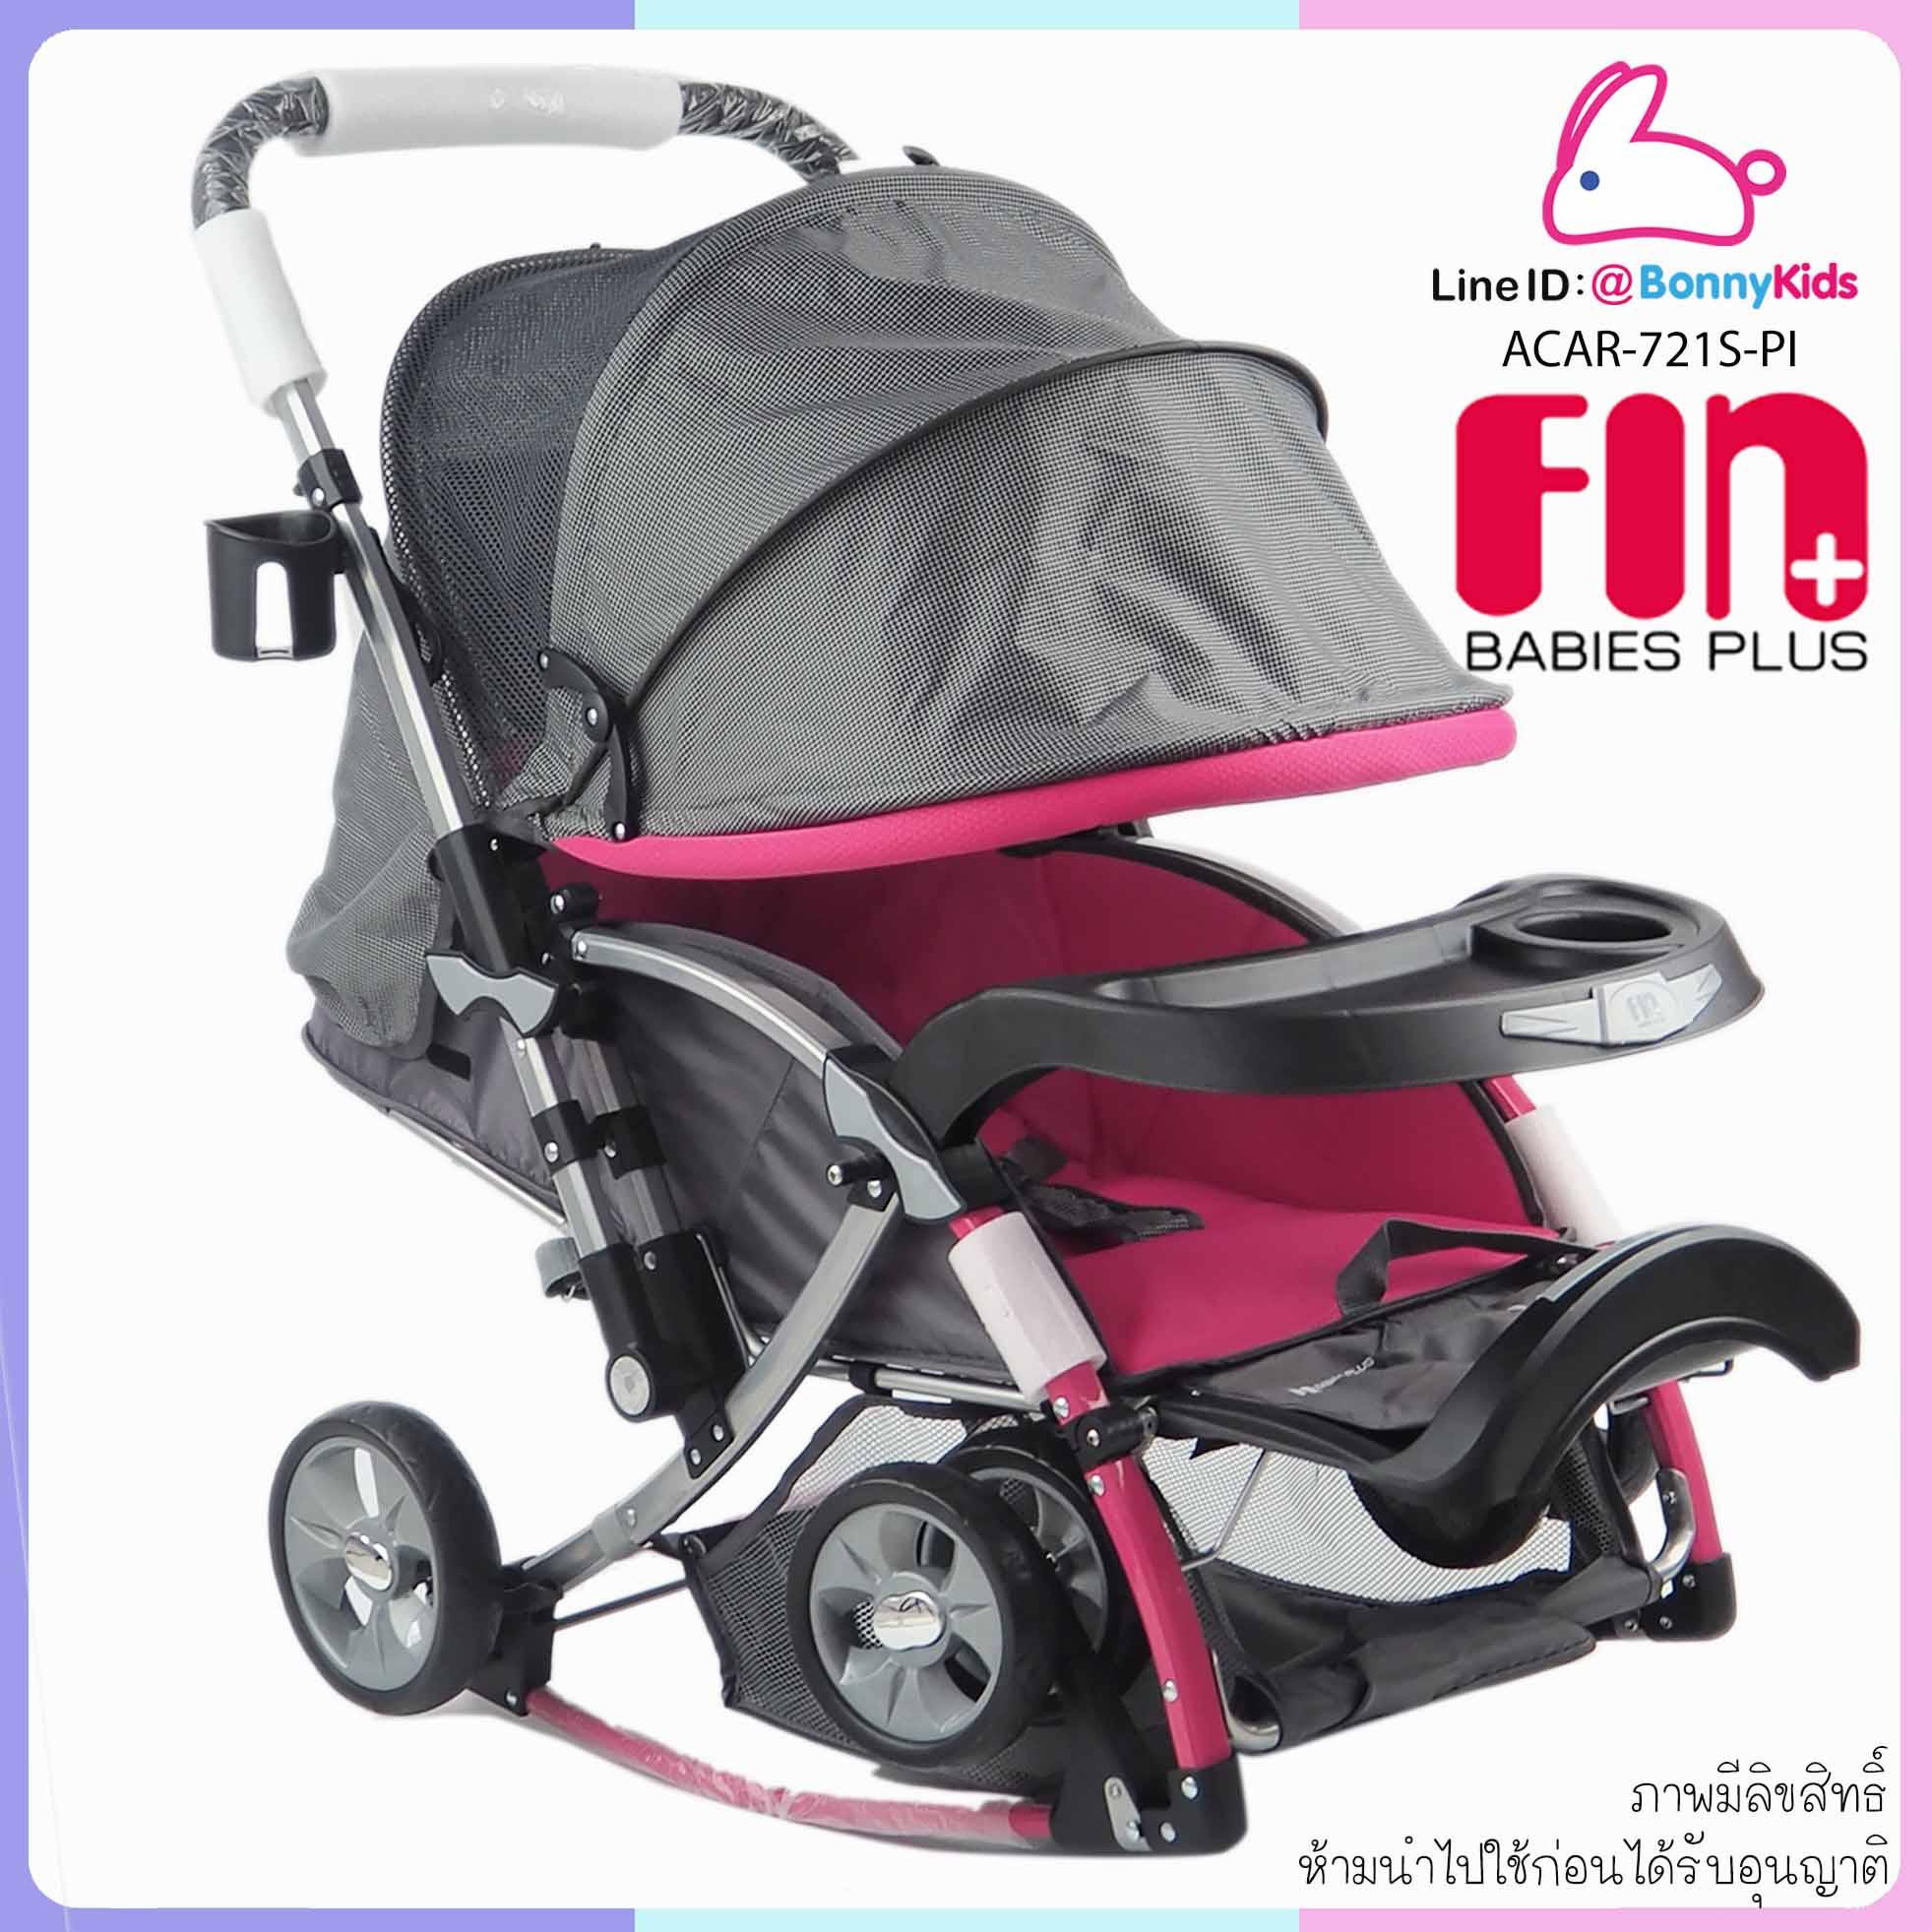 รถเข็นเด็ก fin babies plus สีชมพู ปรับโยกได้ พร้อมมุ้งกันยุง